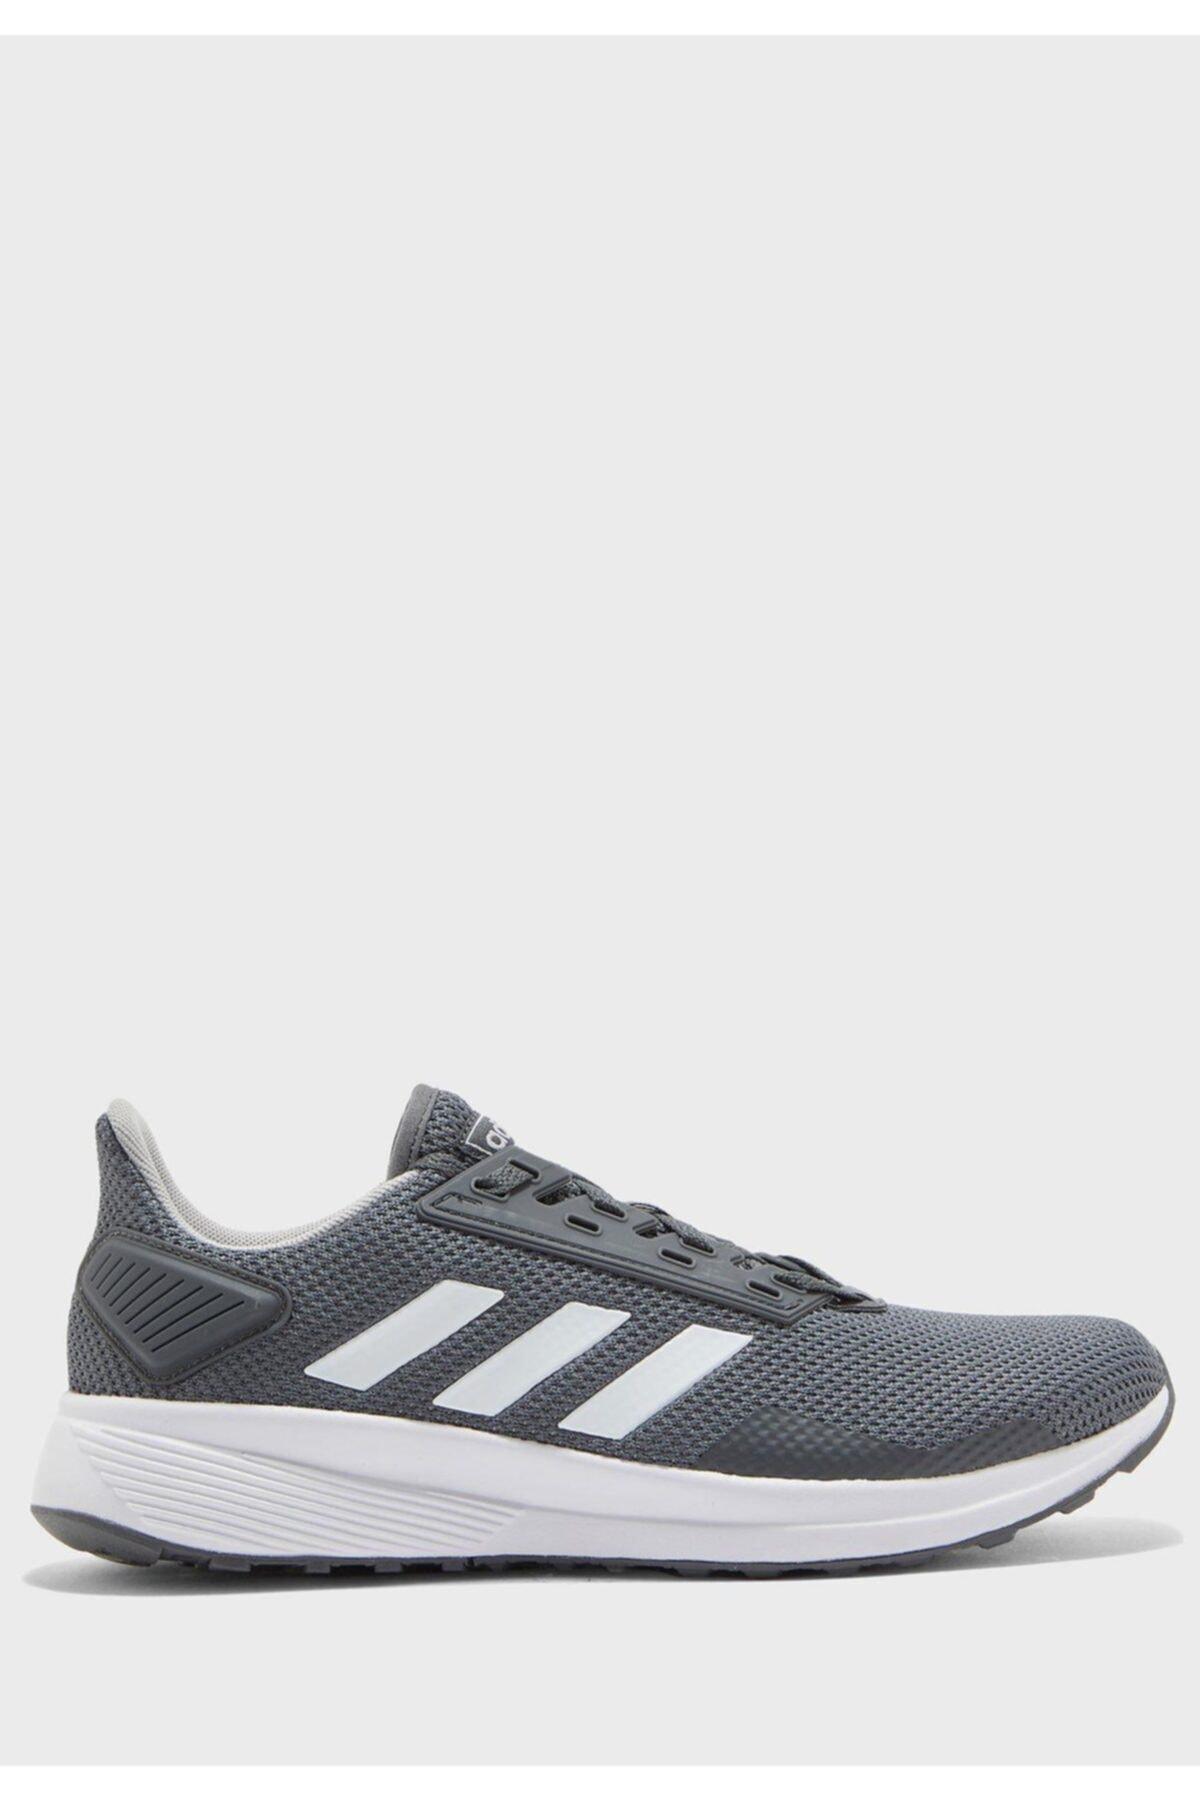 adidas DURAMO 9 Gri Erkek Koşu Ayakkabısı 100546334 1